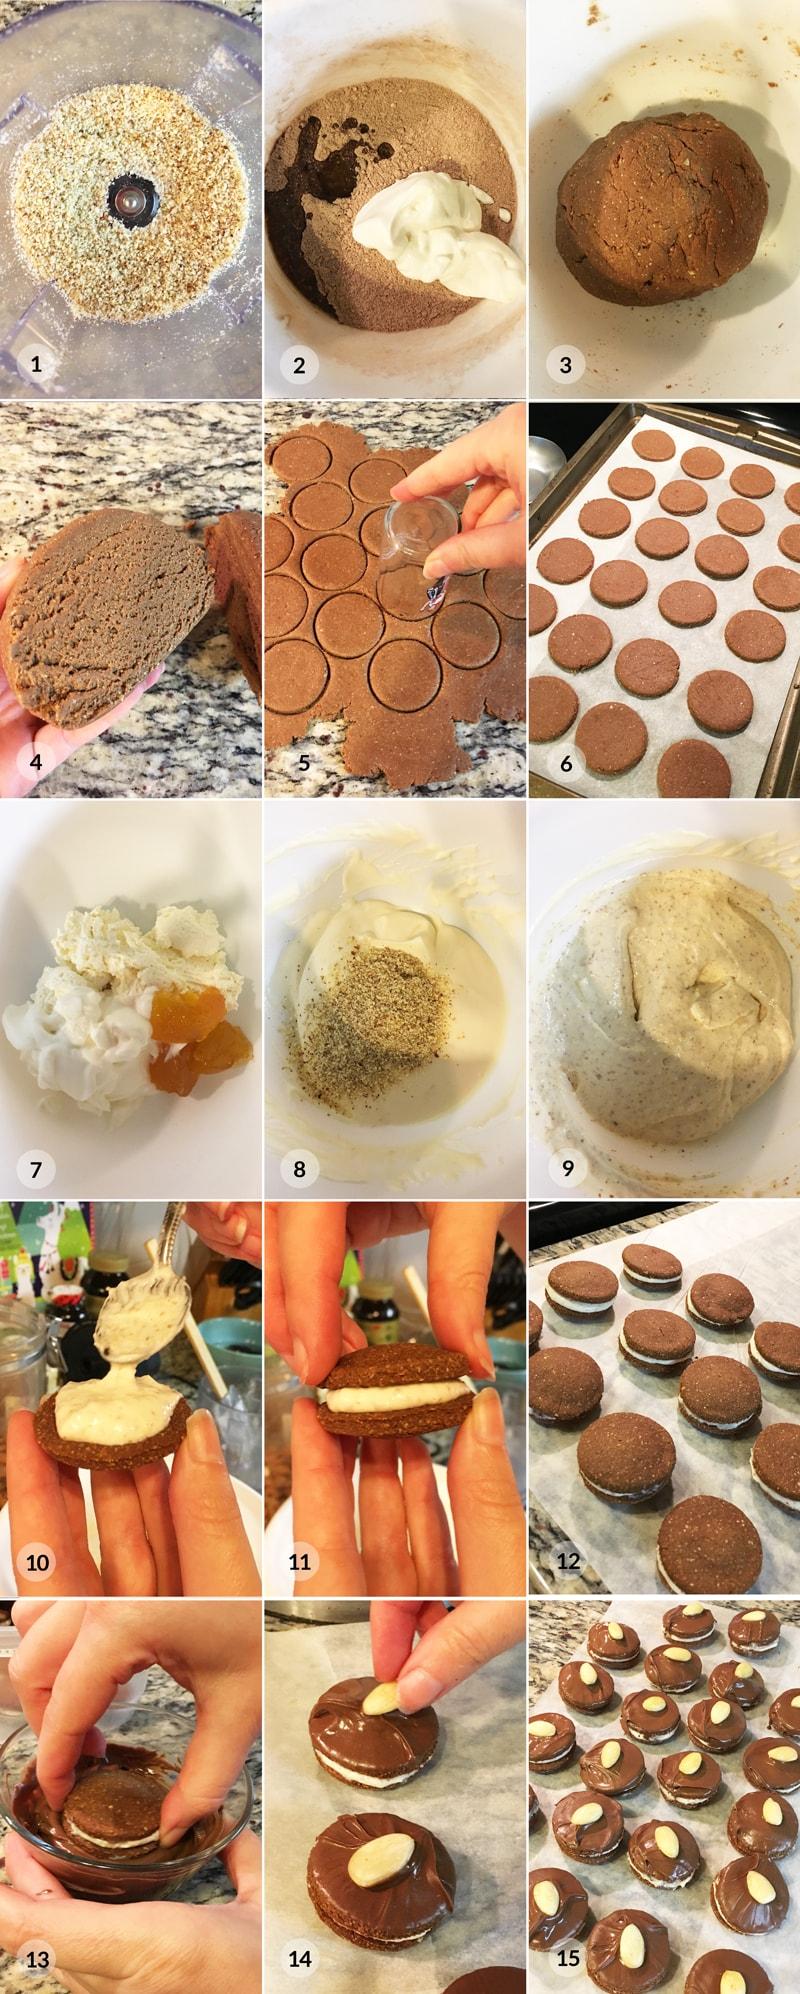 Išelské išlské ilšské dortíčky - vánoční cukroví foto postup